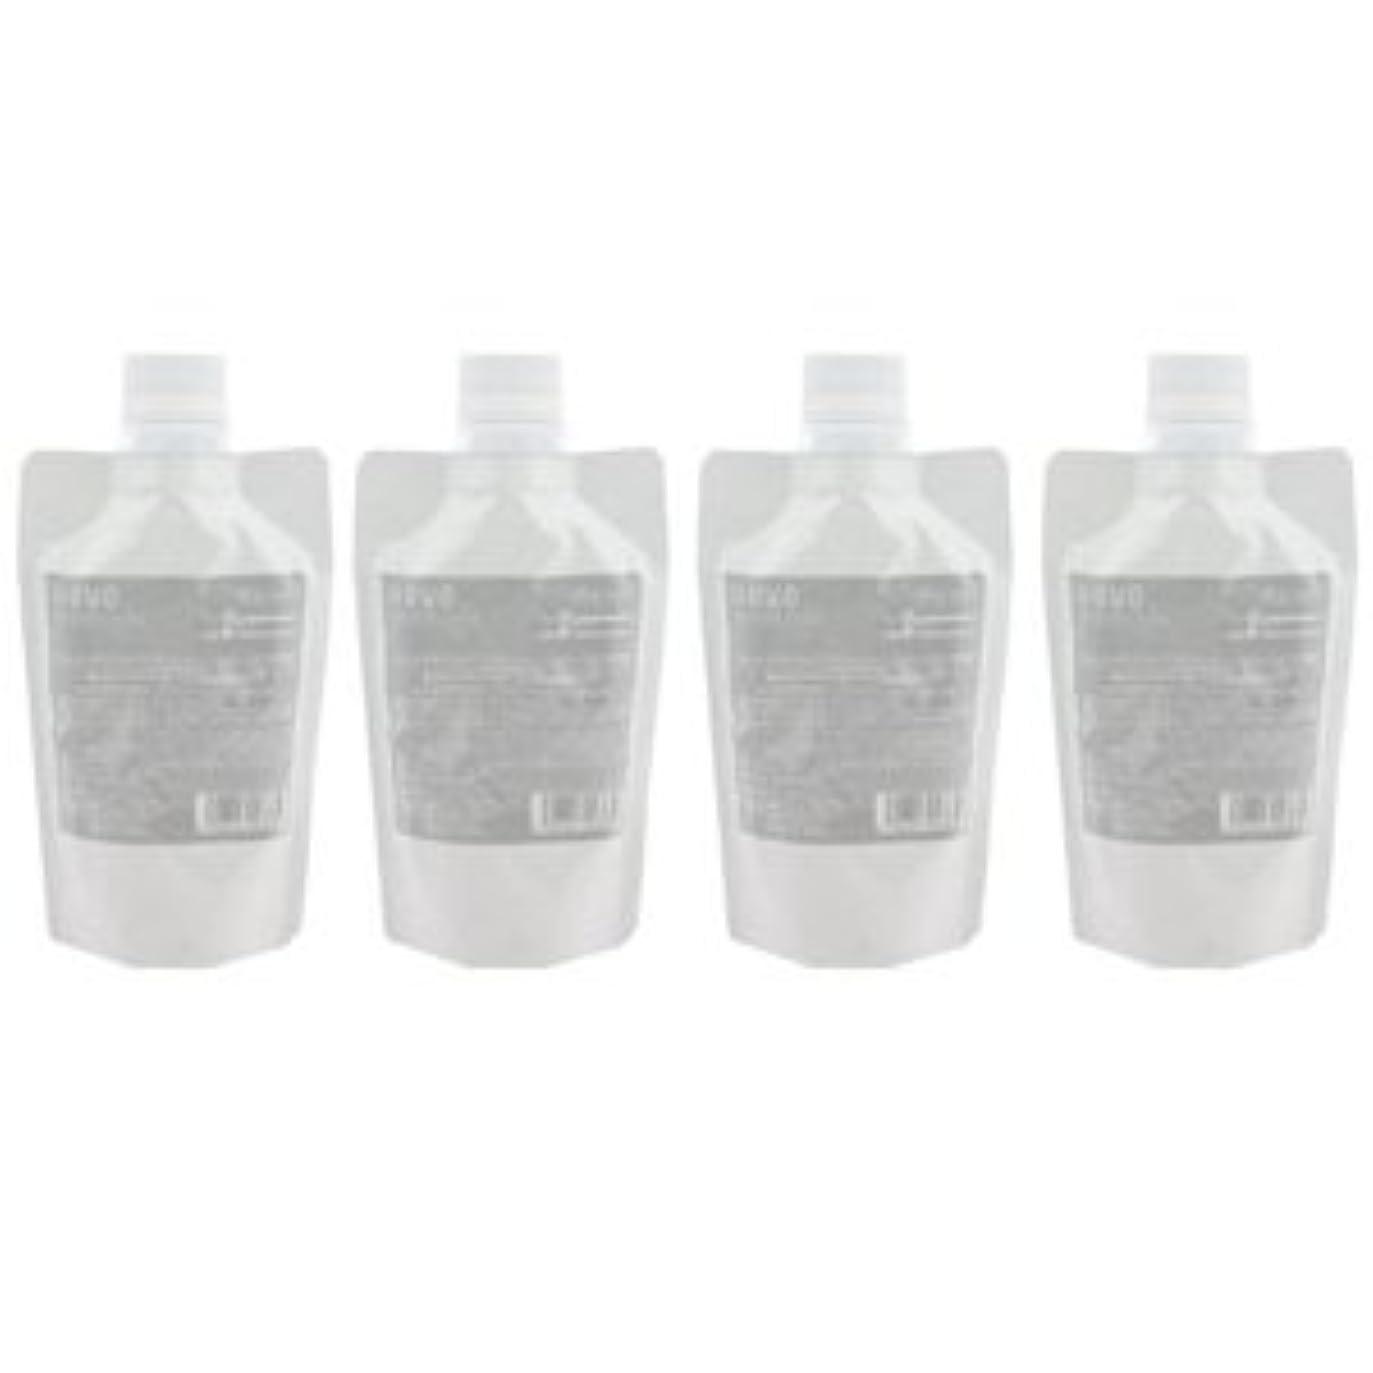 ホイットニー有毒な紛争【X4個セット】 デミ ウェーボ デザインキューブ ドライワックス 200g 業務用 dry wax